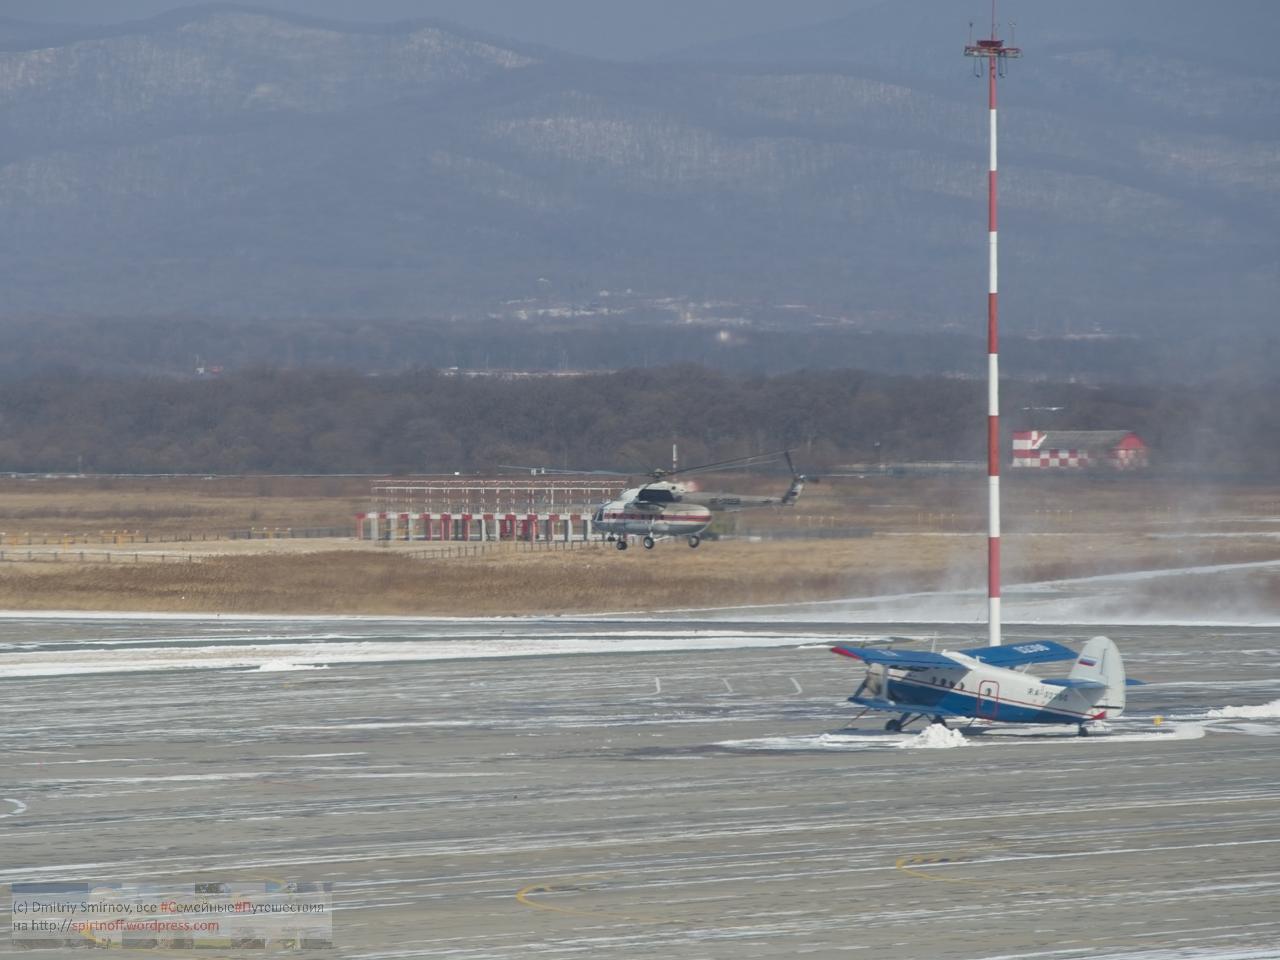 SMI23052-Blog-201 Путешествия  Владивосток. Постскриптум (Аэропорт Артем)